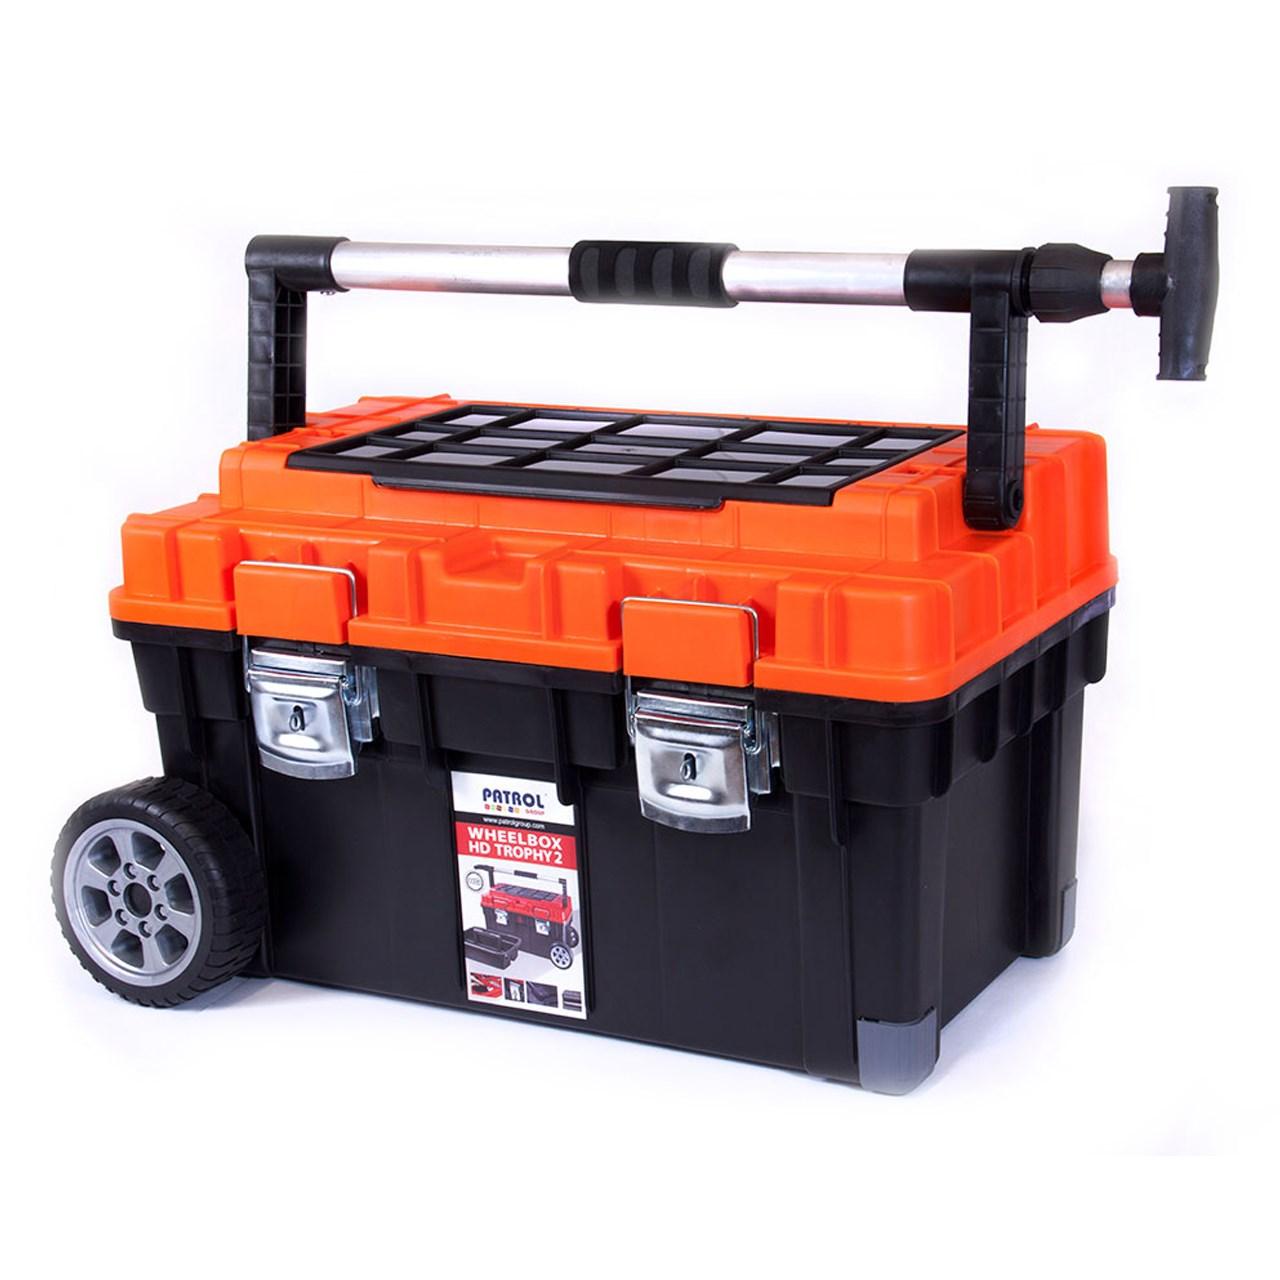 جعبه ابزار پاترول گروپ مدل WheelBox HD Trophy 2